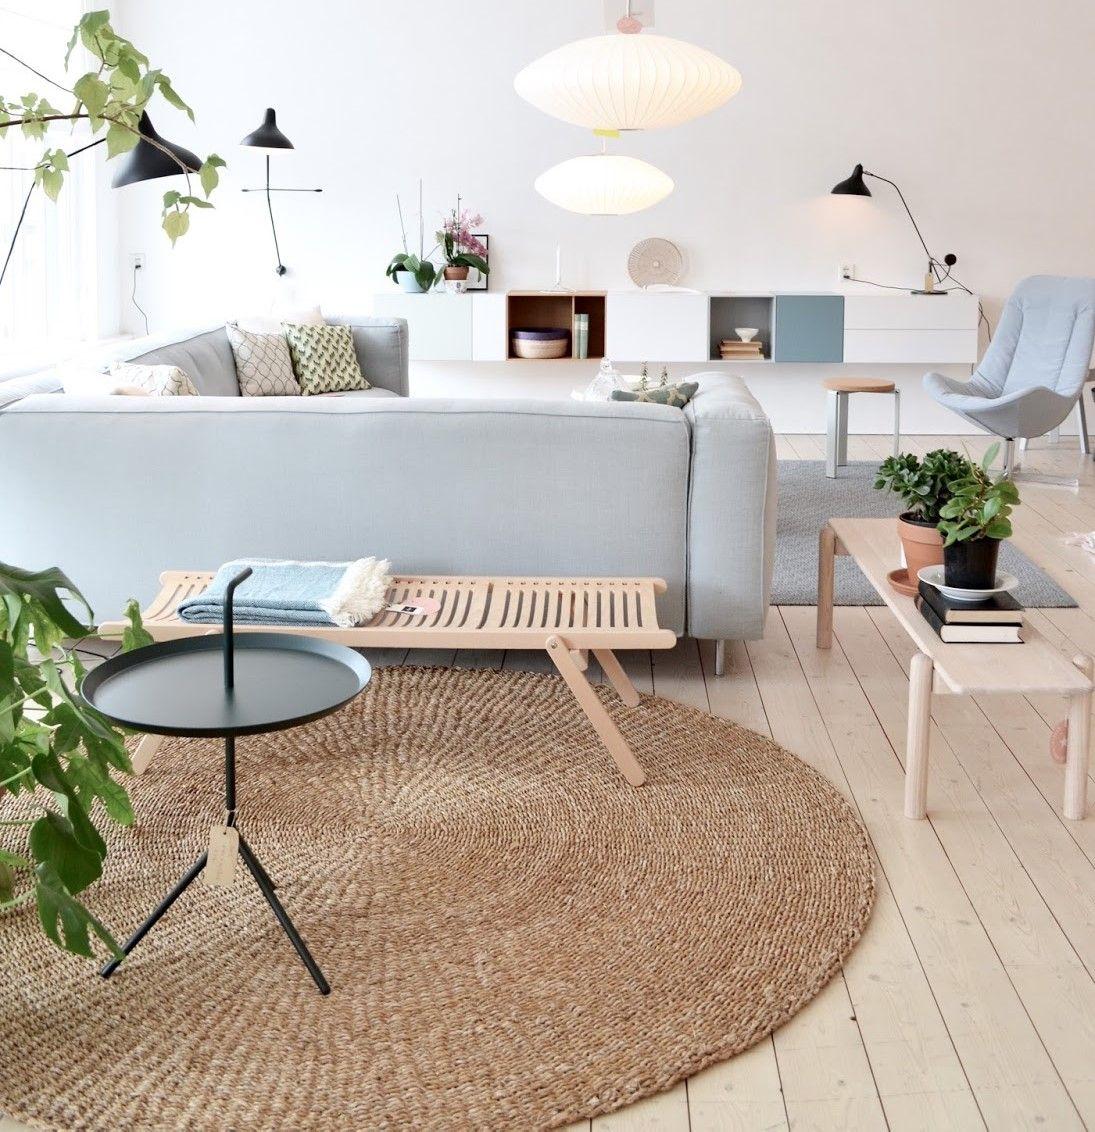 5x natuurlijke materialen om in huis te halen for Interieur ontwerpen app